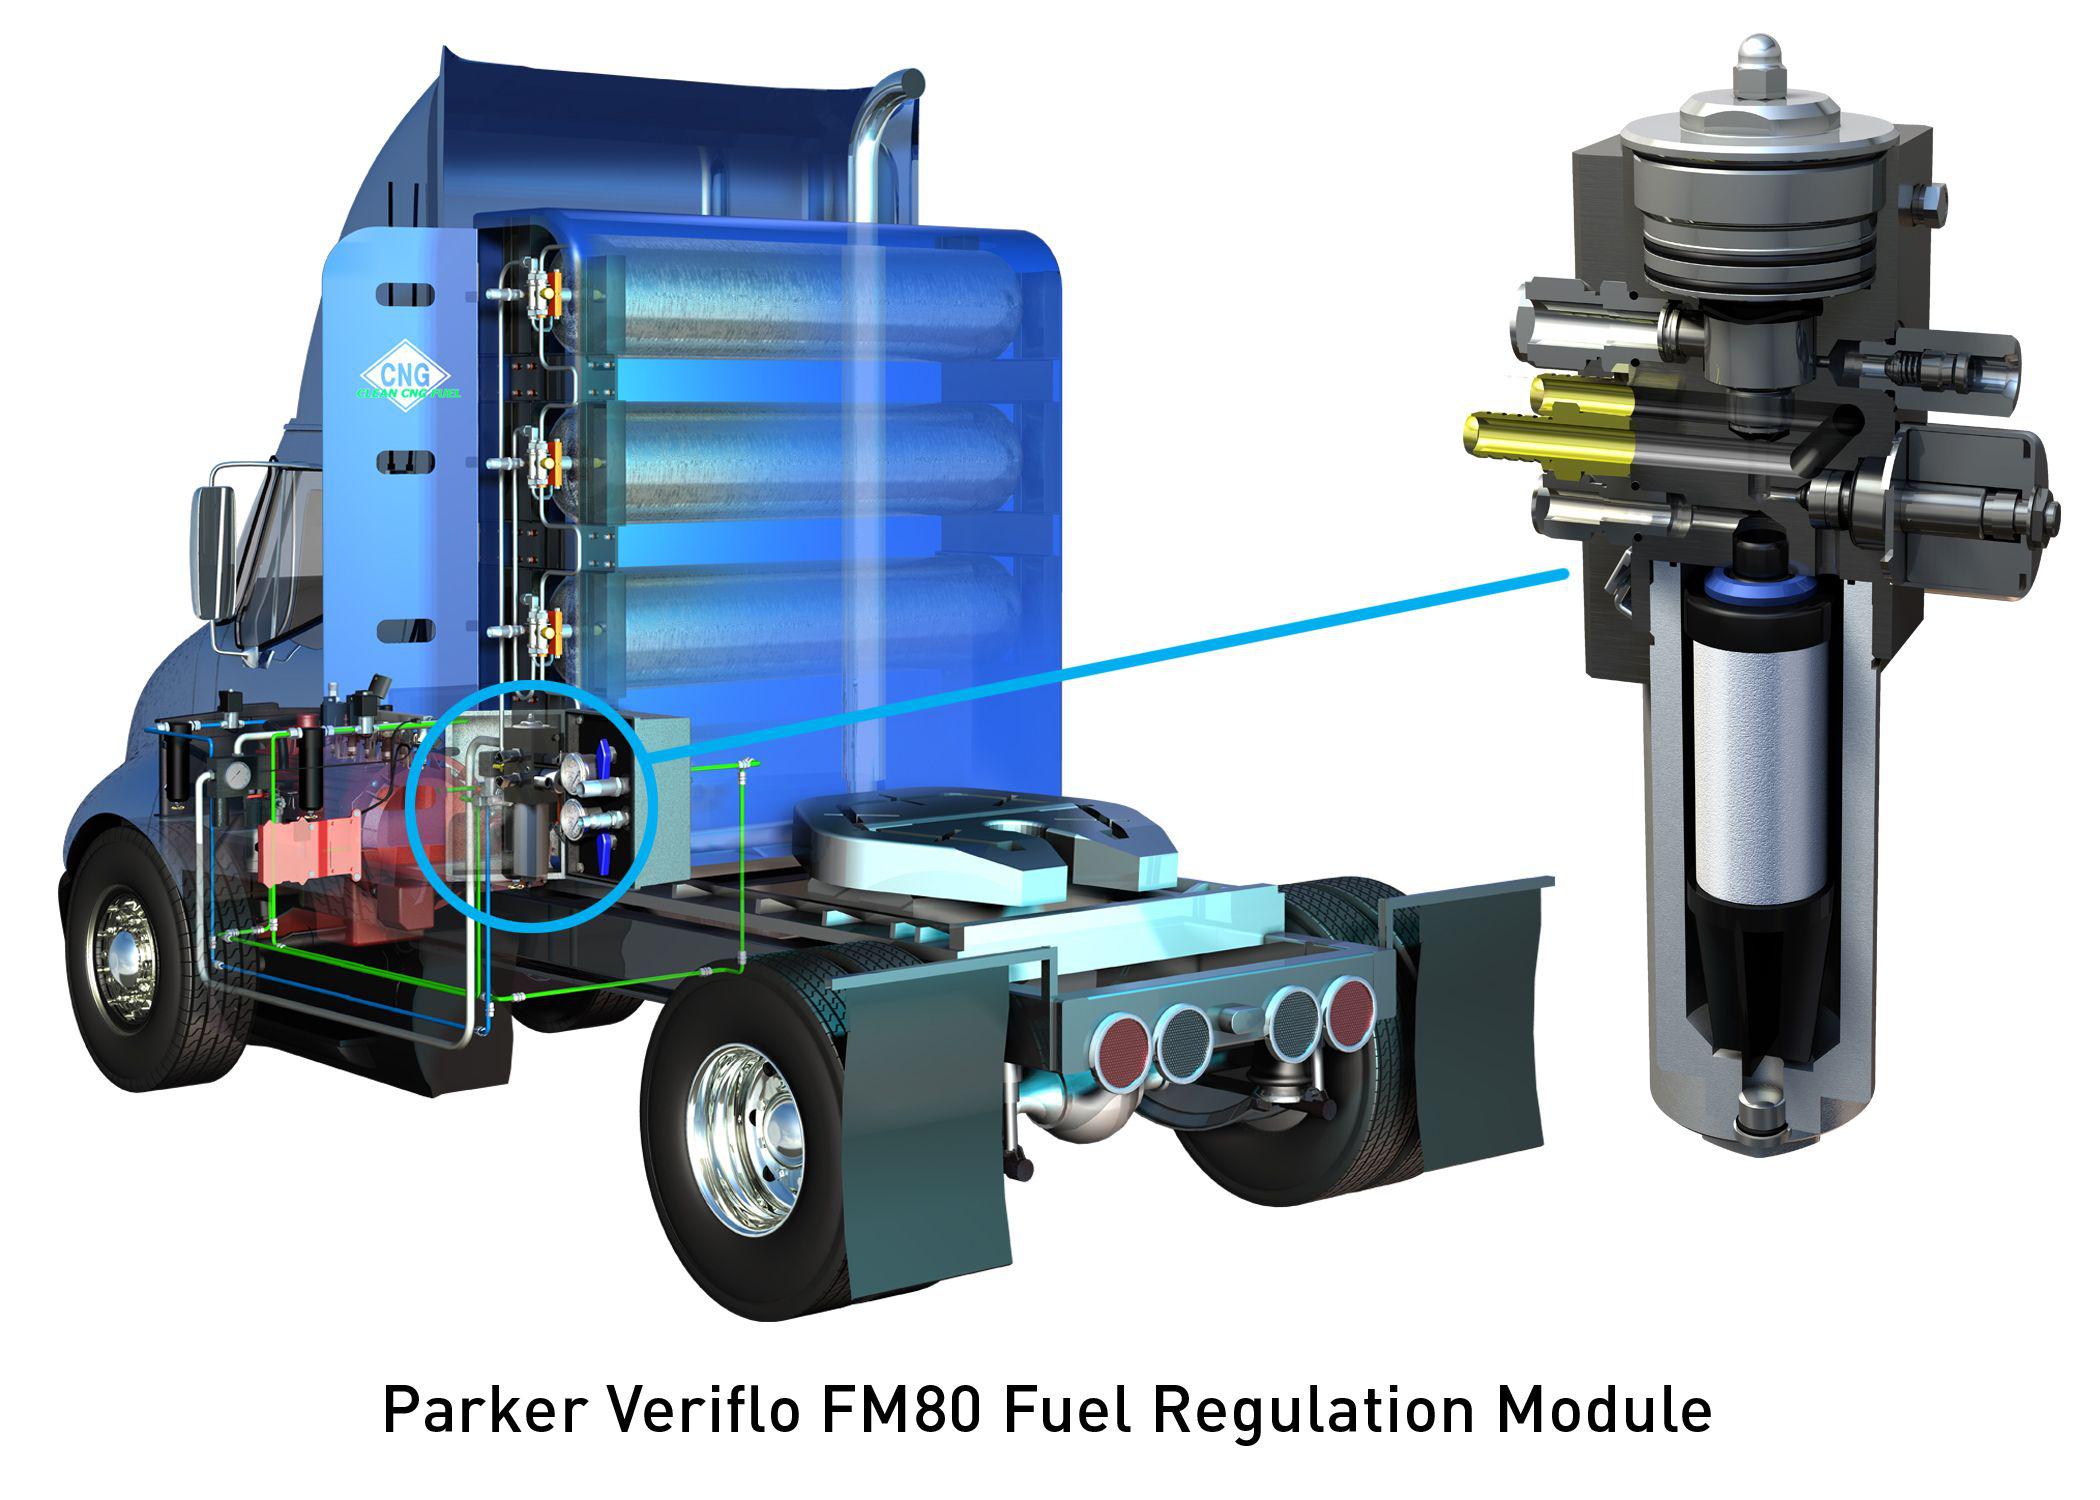 Parker Veriflo FM80 Fuel Regulation Module